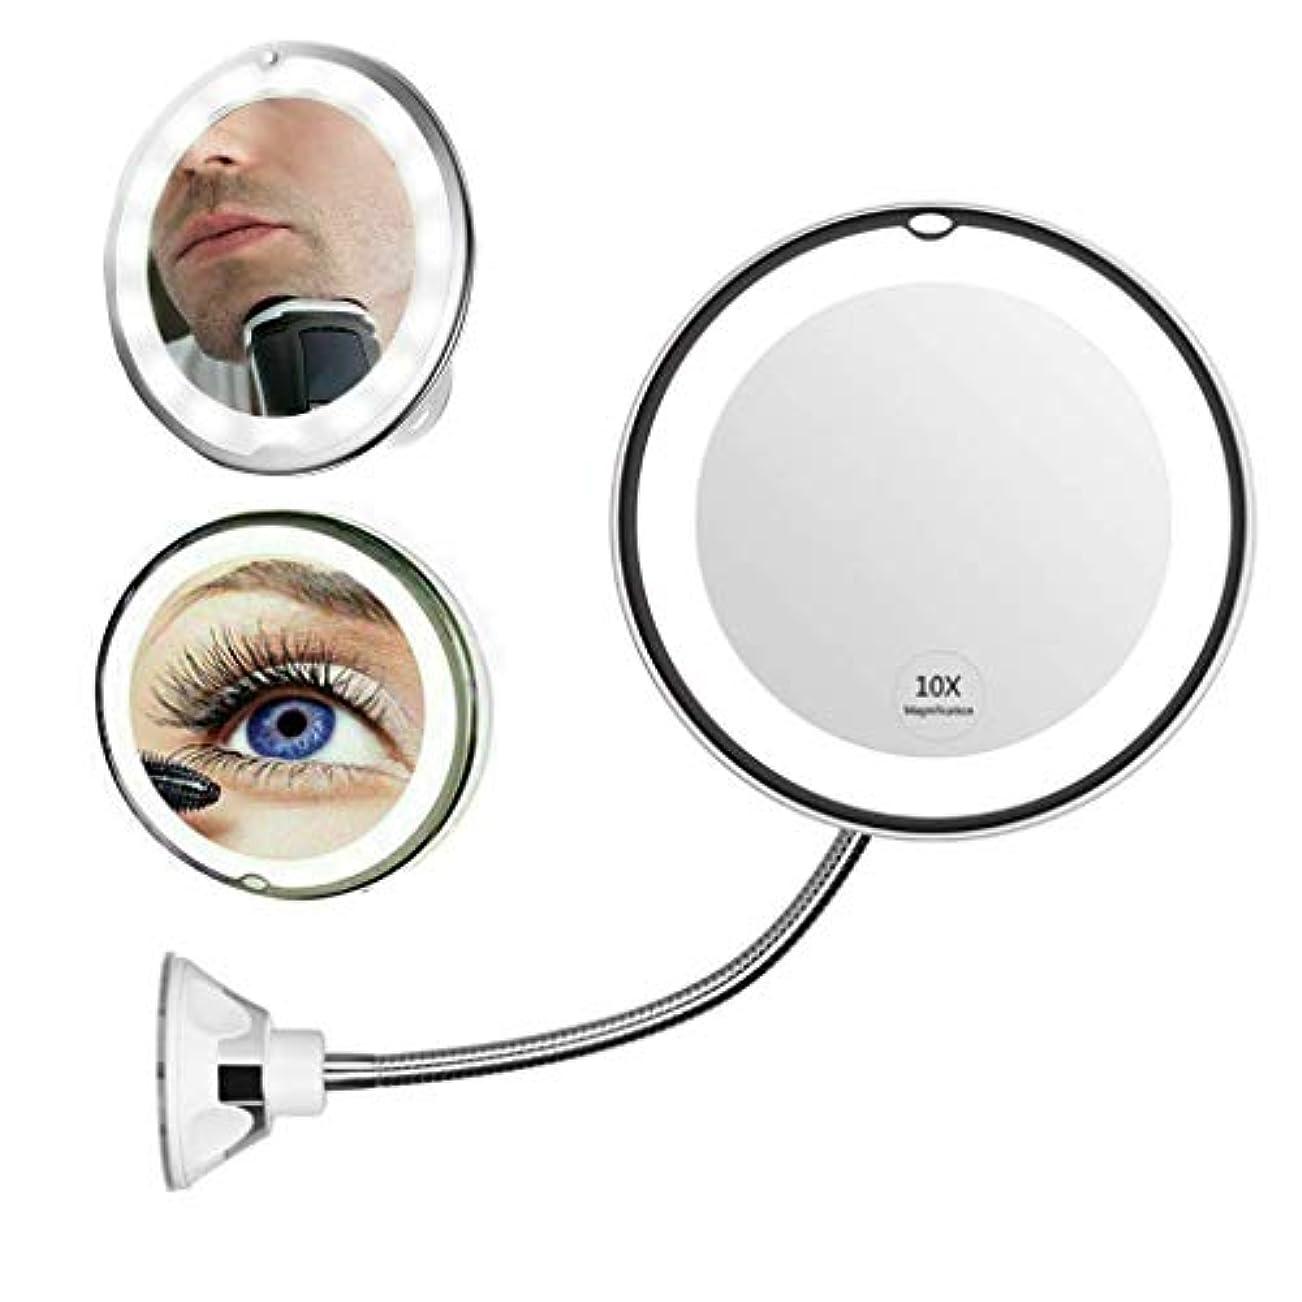 不器用バラ色仕方Vanity Mirror 10X拡大化粧鏡LED照明付き化粧鏡フィルライトナイトランプ、360°スイベル&ホームシャワー用サクションカップバスルーム